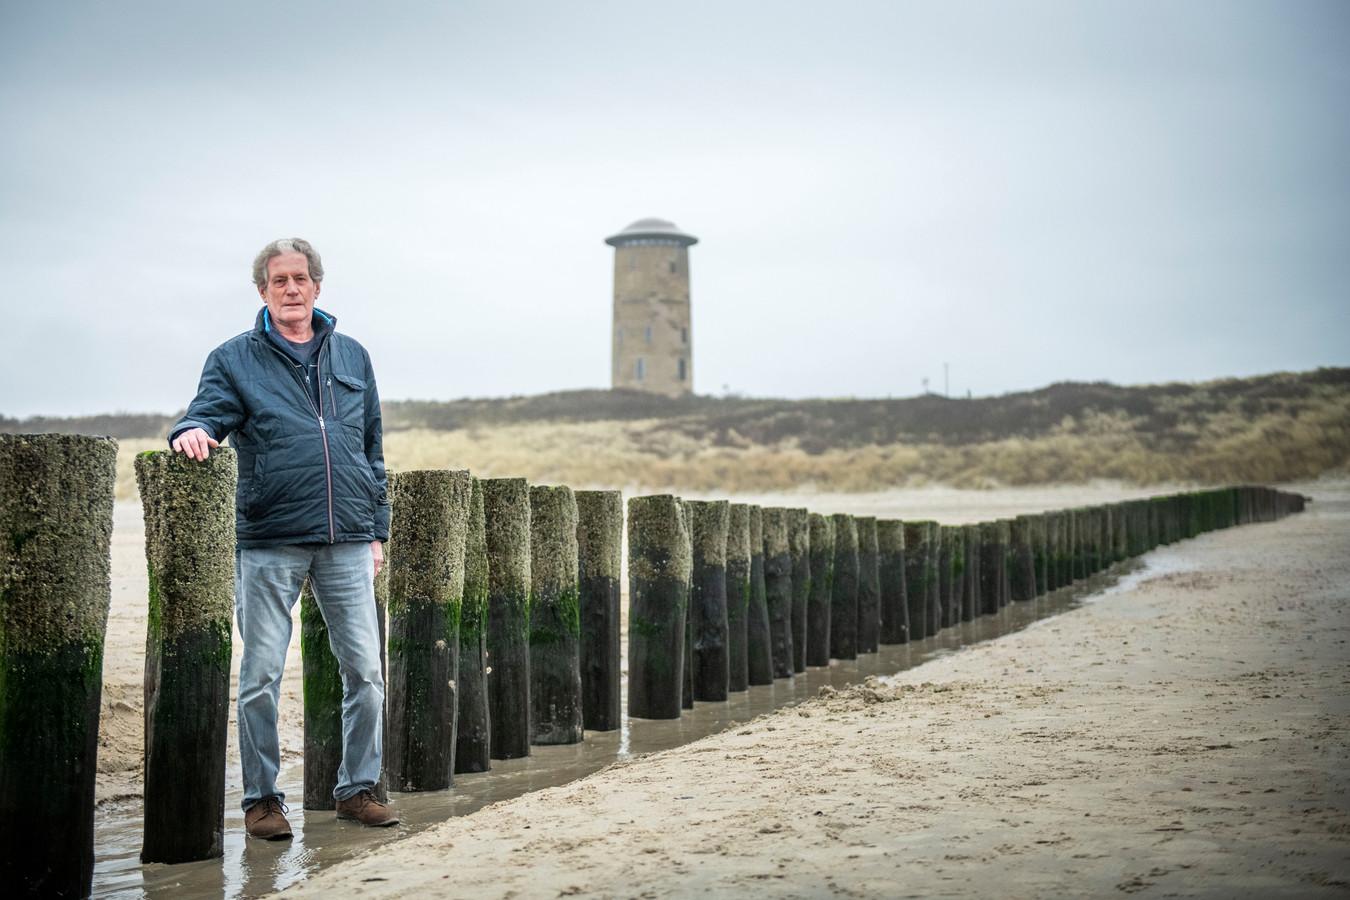 """Theo Willemstein:  ,,Paalhoofden staan vooral langs de Zeeuwse kust omdat de stroom- en vaargeulen dichtbij het strand liggen, we smalle stranden hebben en grote getijverschillen."""""""